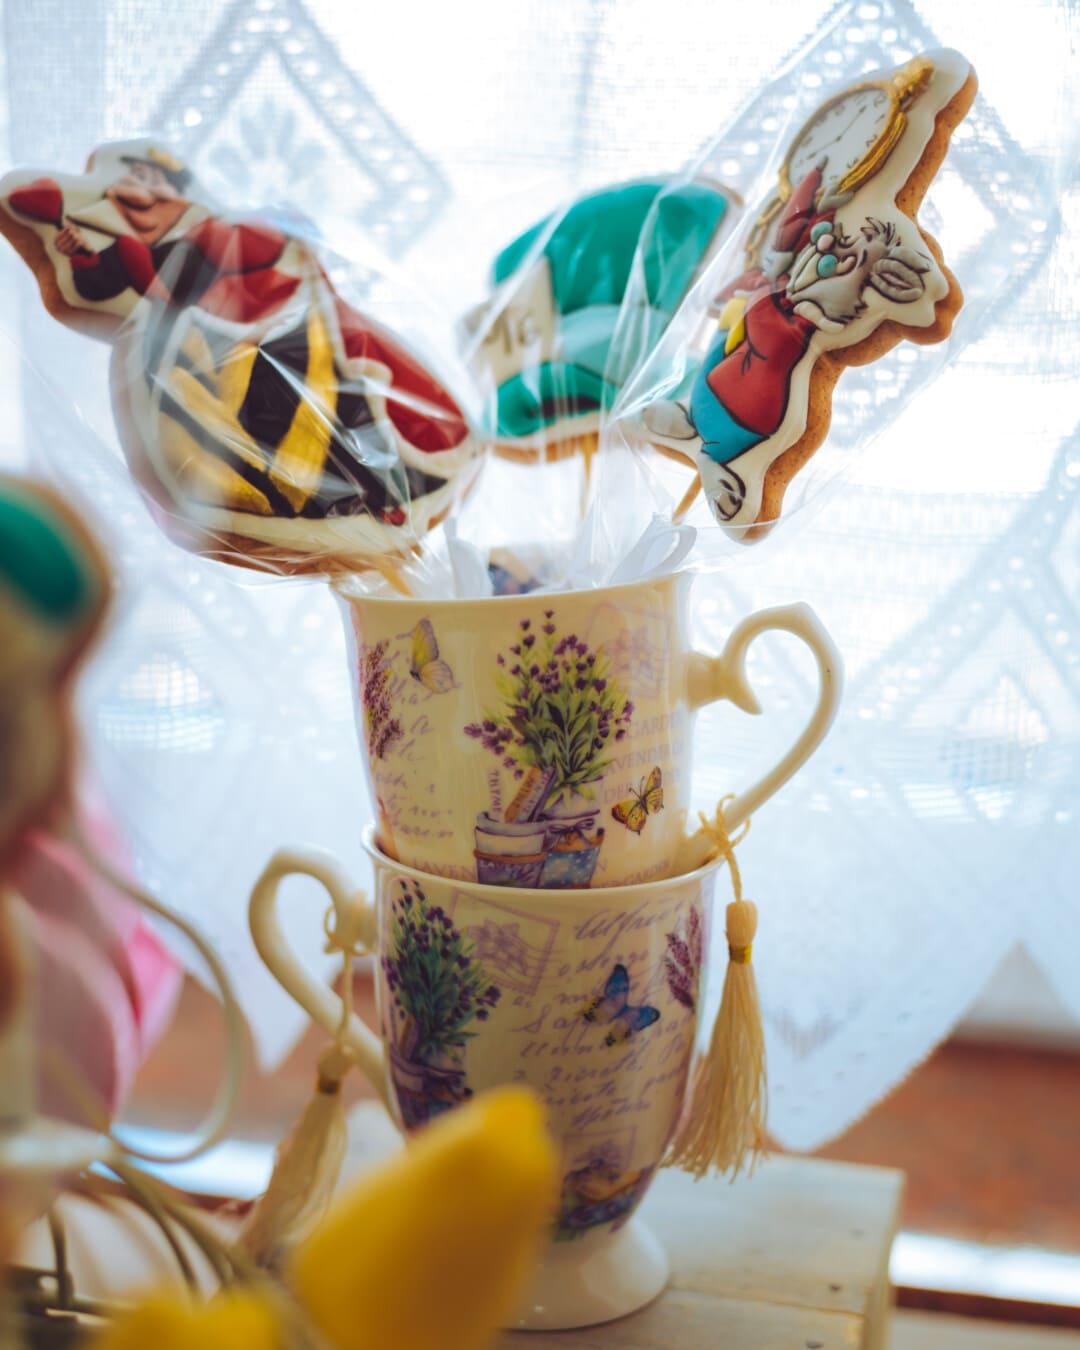 Pâques, bonbons, la sucette, Mug, décoration d'intérieur, traditionnel, Coupe, porcelaine, design d'intérieur, à l'intérieur